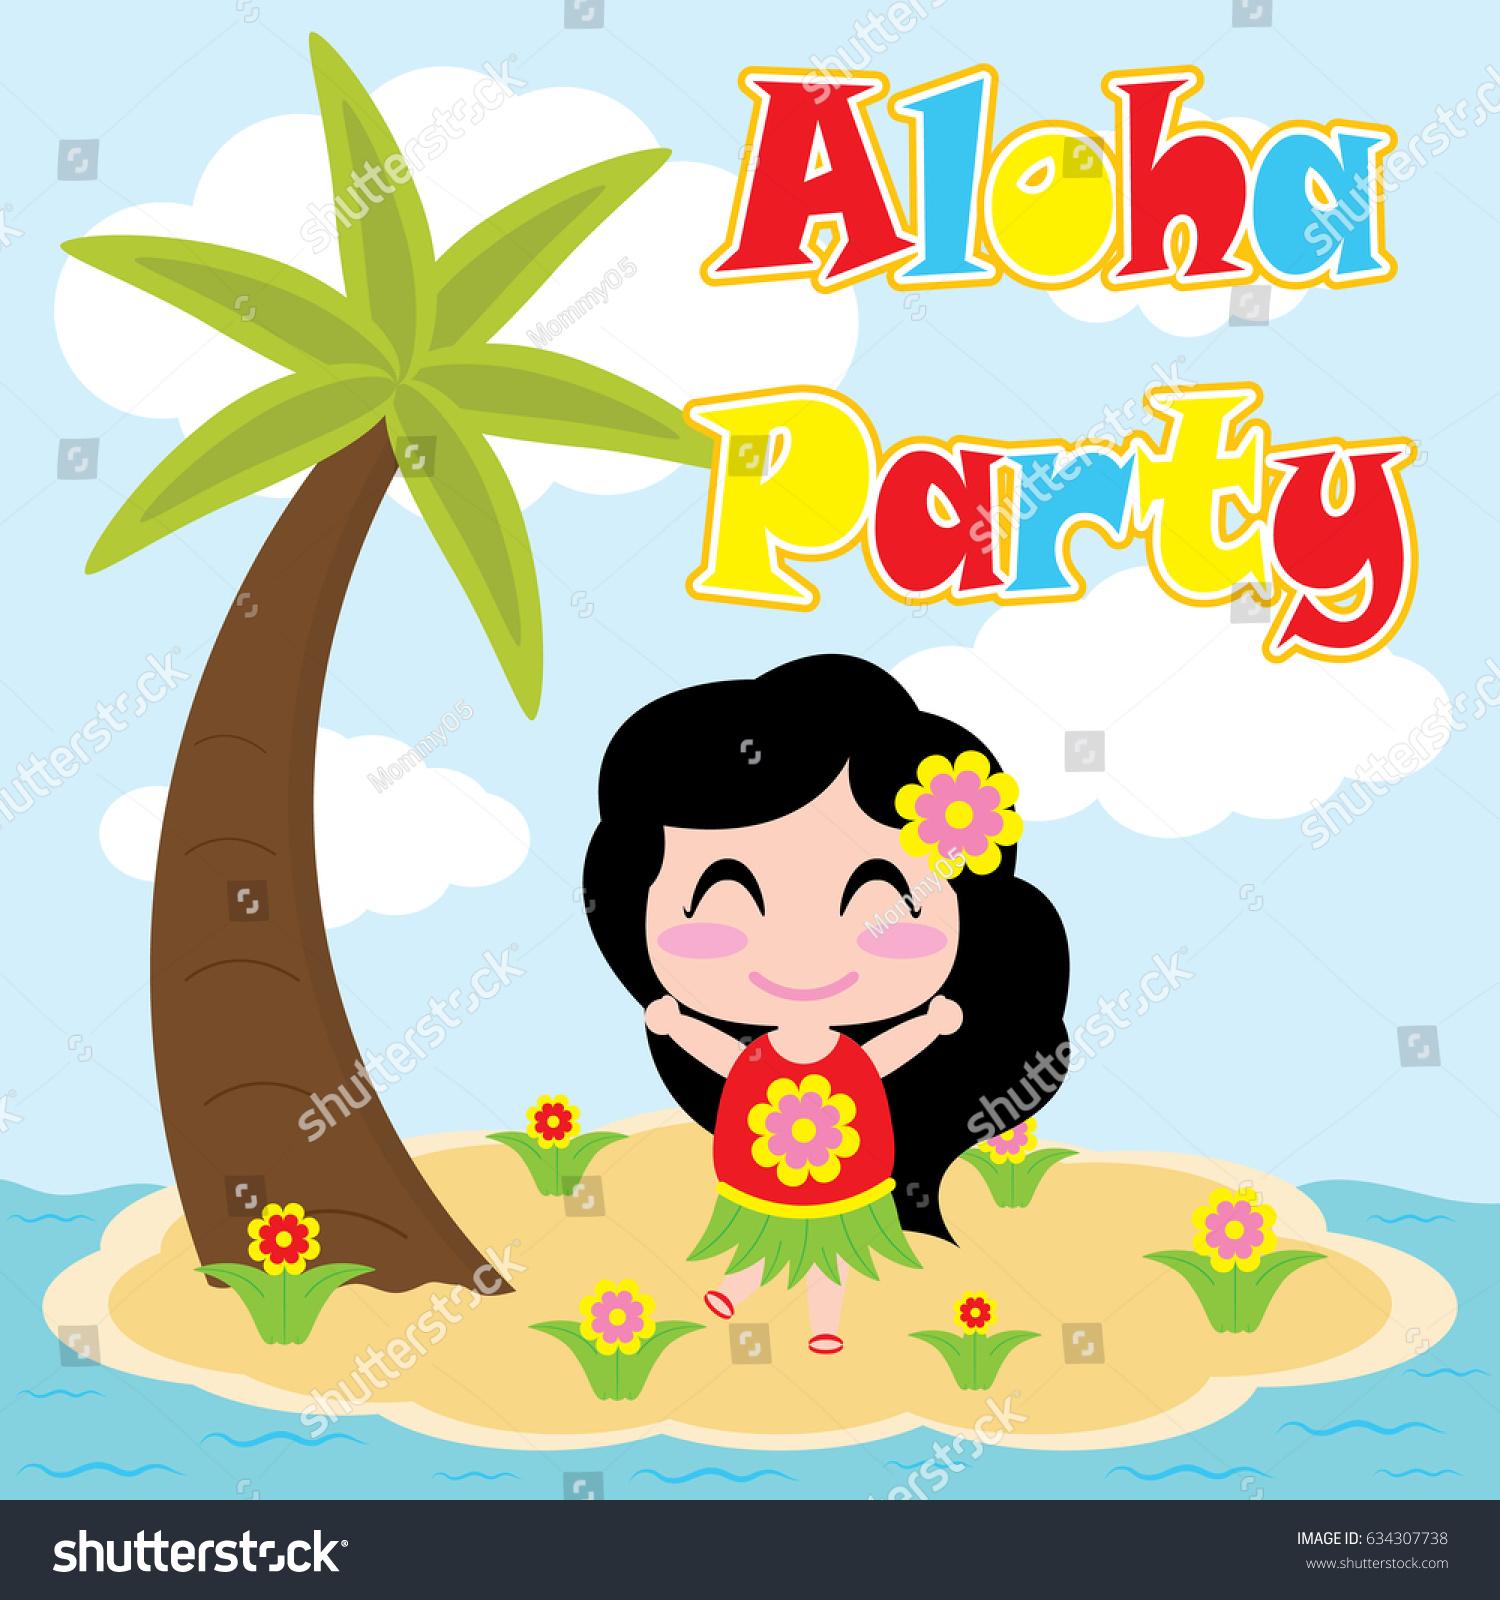 Kawaii Island Go Vacation: Cute Girl Dancing On Small Island Stock Vector 634307738